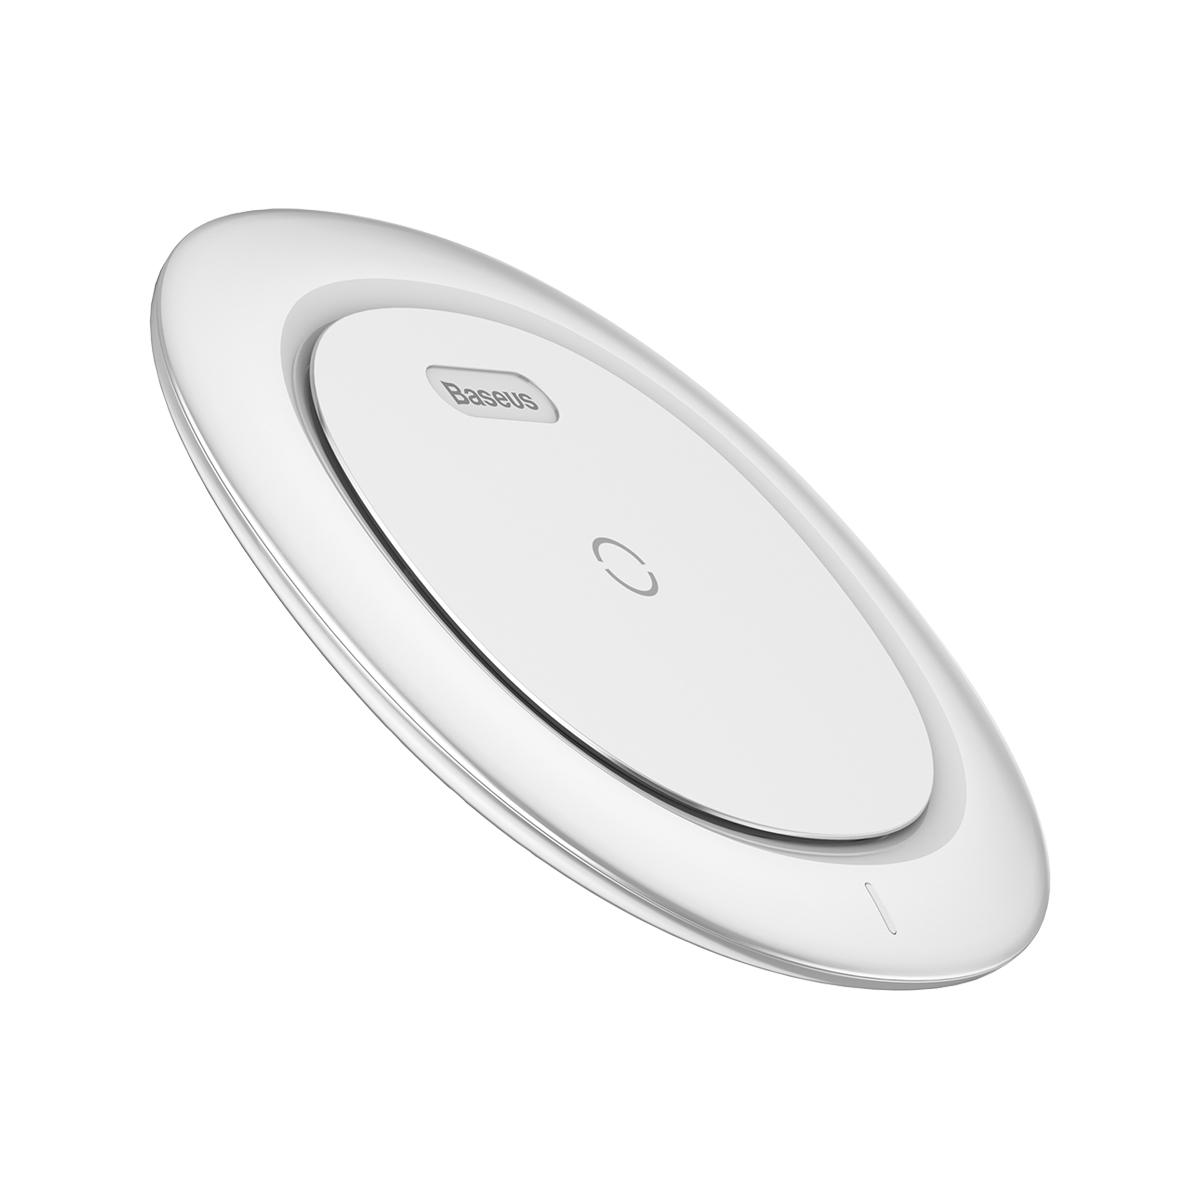 Фото - Беспроводная зарядка для телефона быстрая Baseus UFO Desktop Wireless Charger White беспроводная зарядка ugreen qi wireless fast charger black